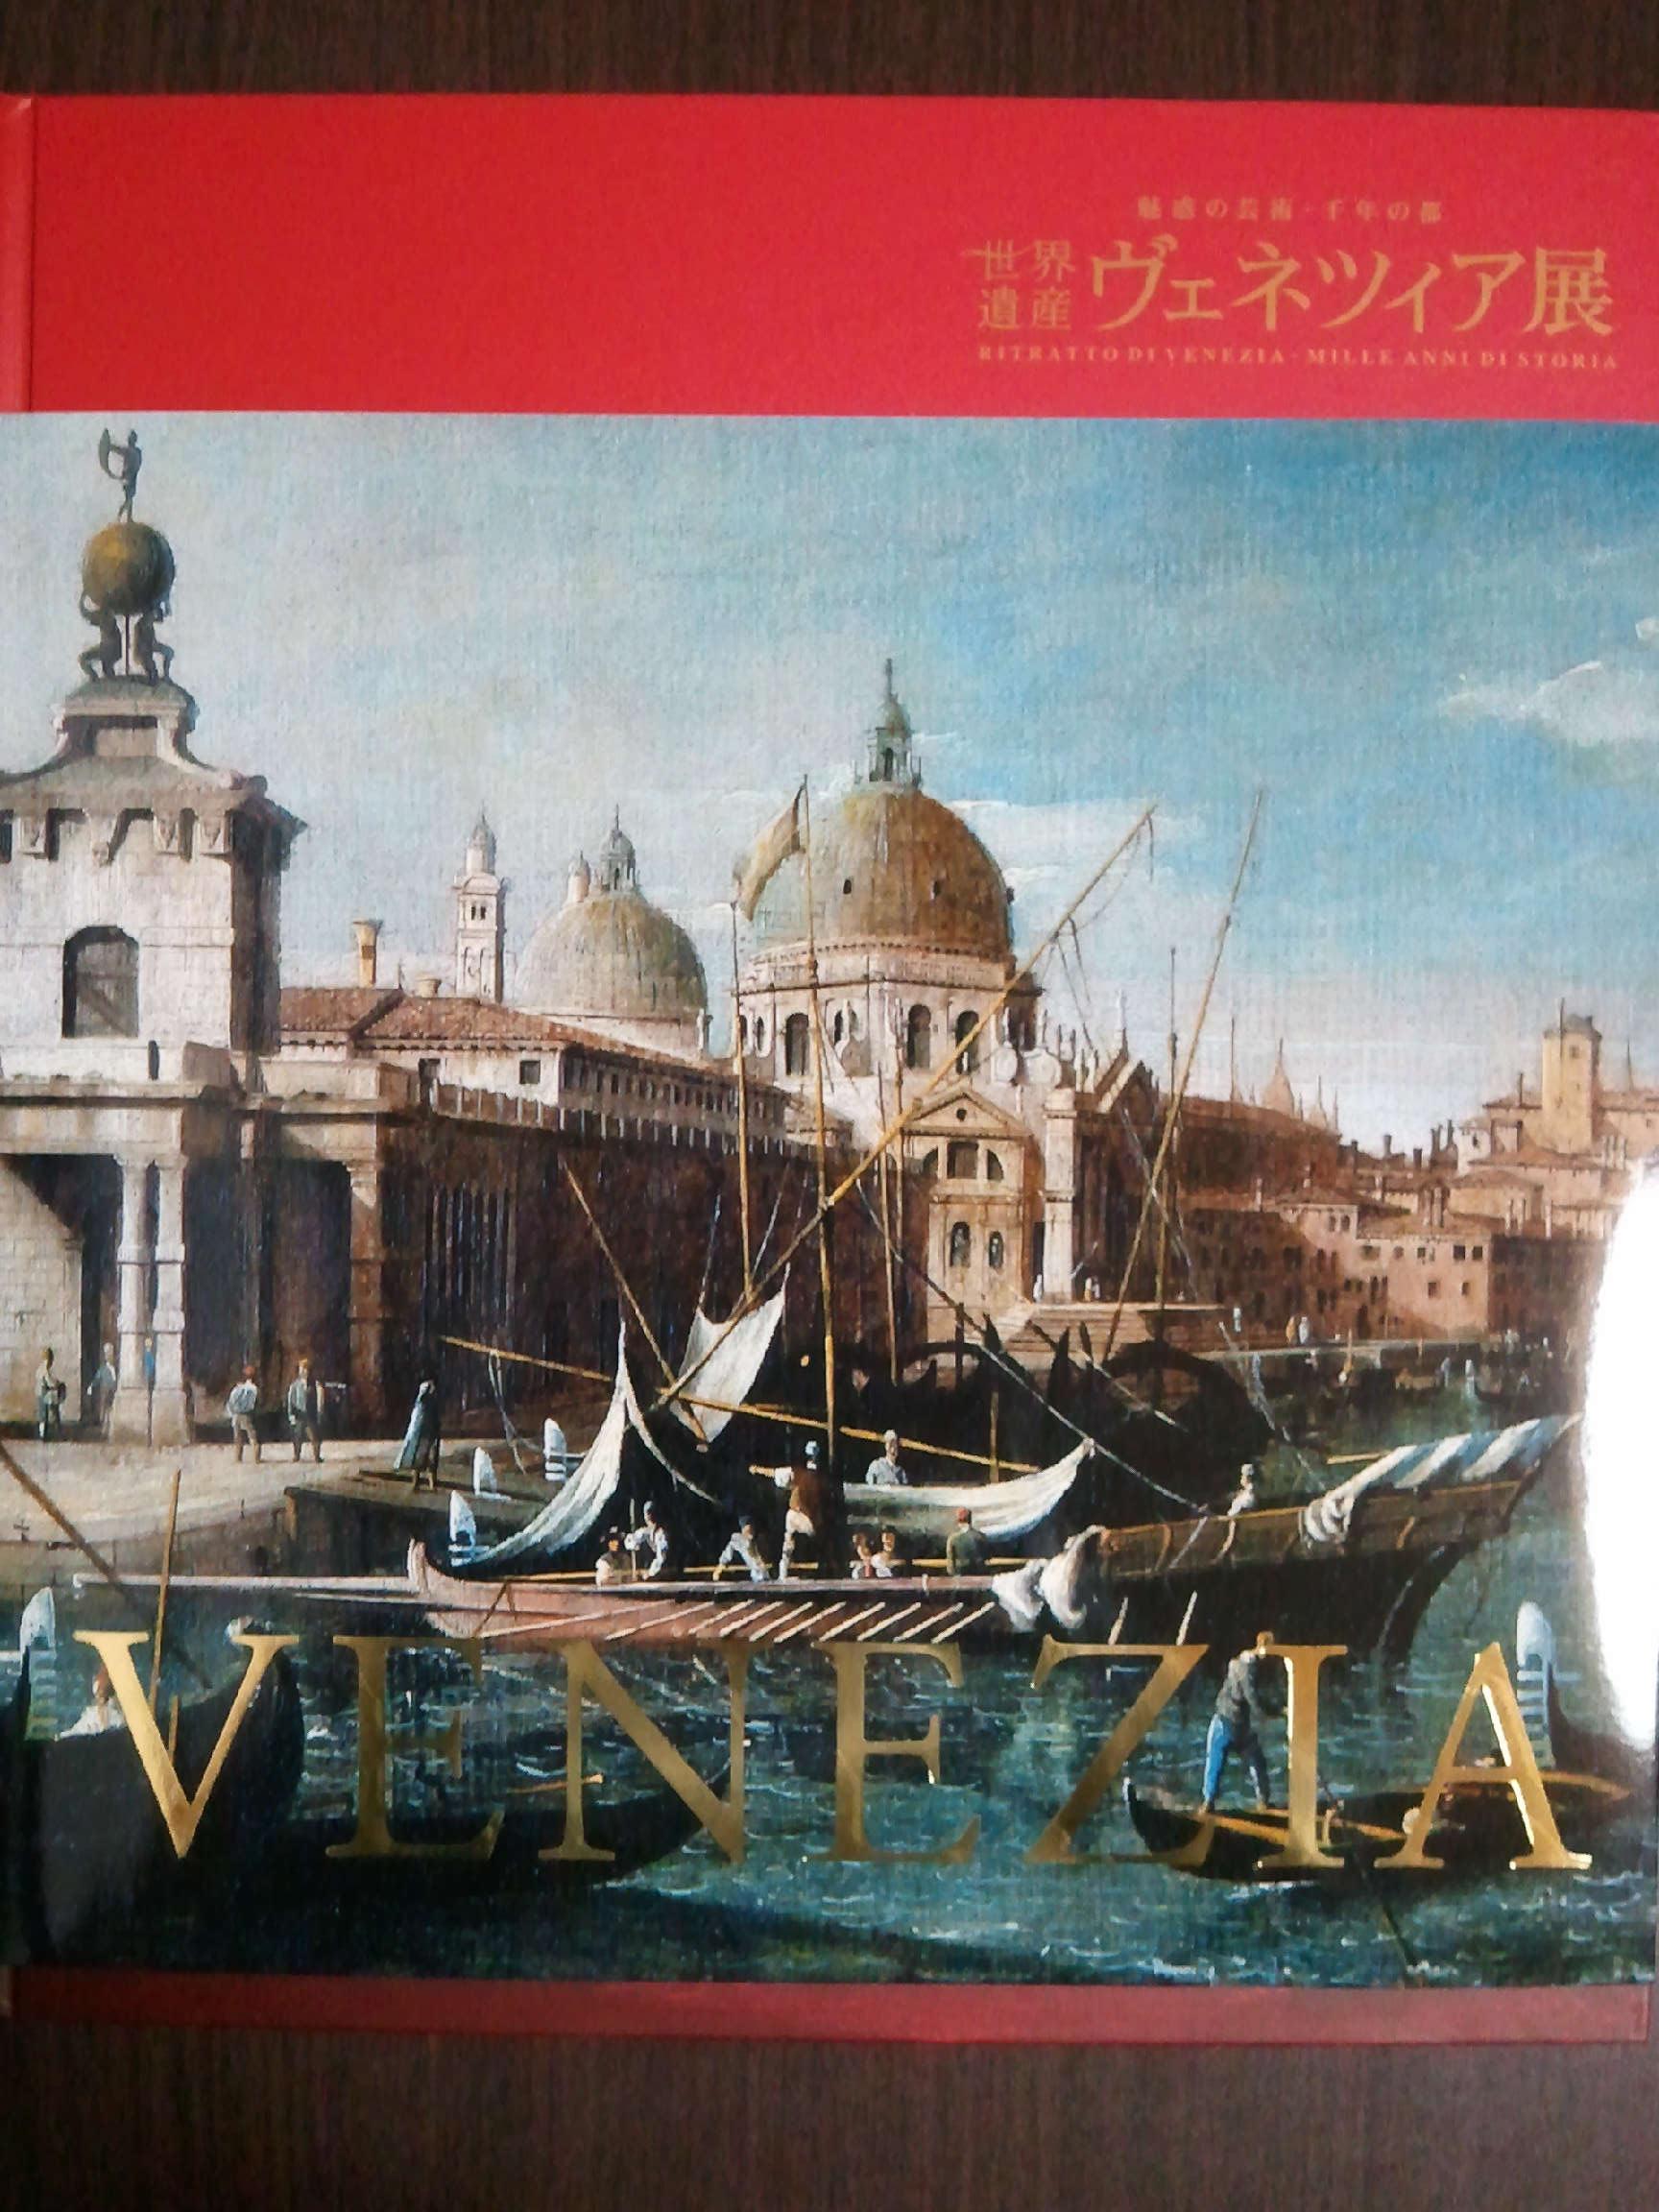 ヴェネツィア展カタログ